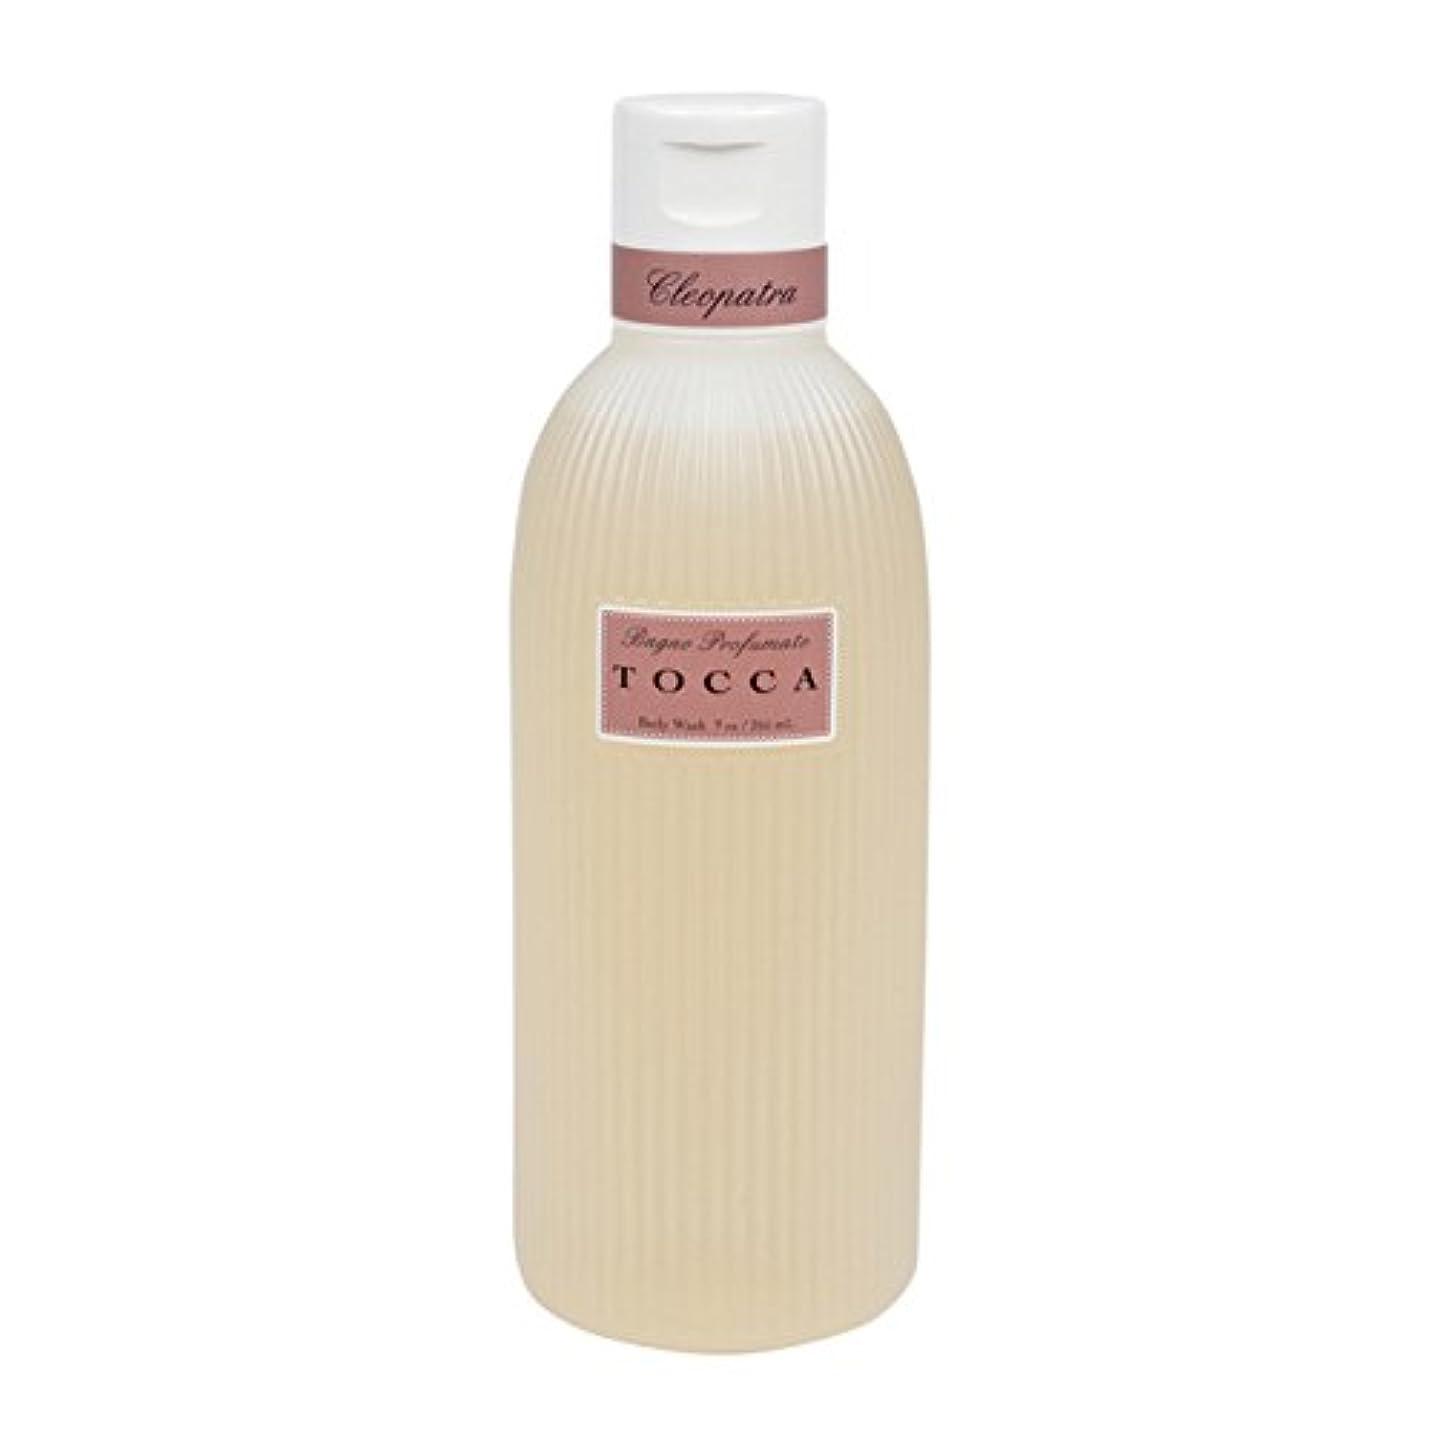 幻滅する成り立つエンドウトッカ(TOCCA) ボディーケアウォッシュ クレオパトラの香り 266ml(全身用洗浄料 ボディーソープ グレープフルーツとキューカンバーのフレッシュでクリーンな香り)